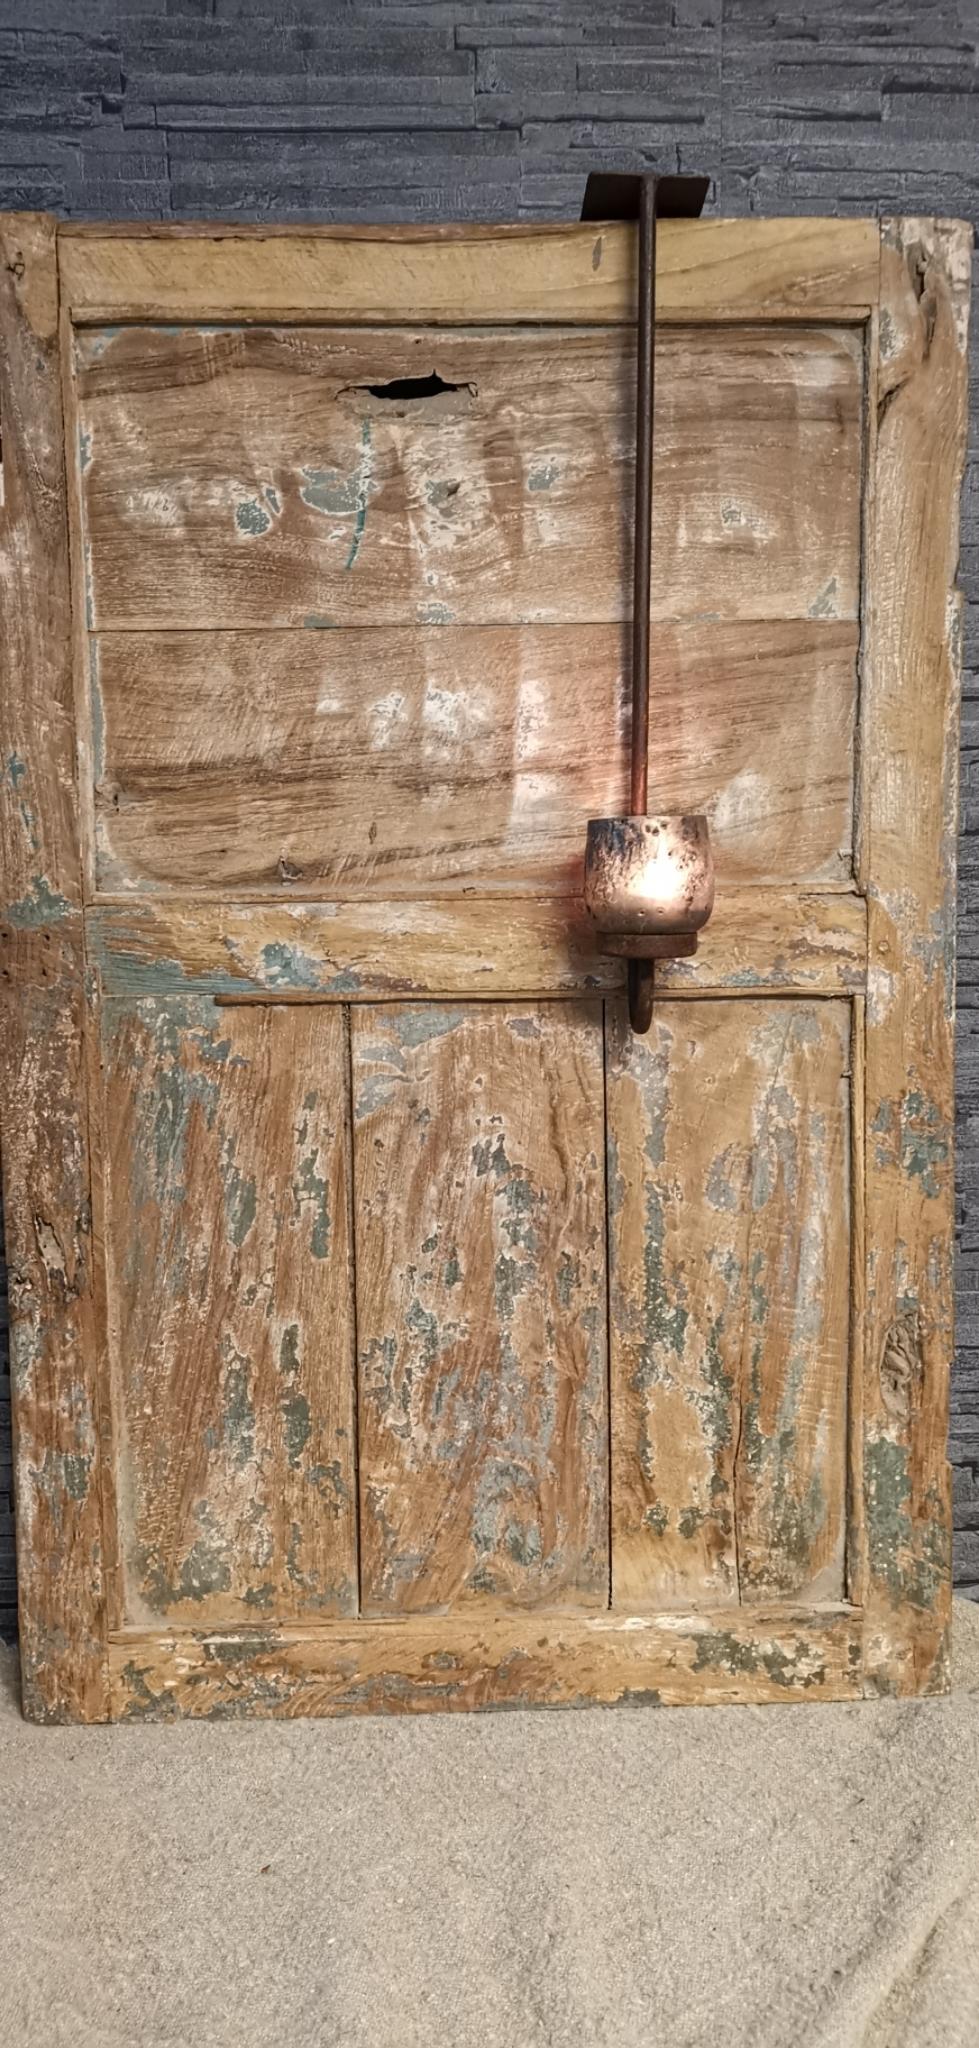 Oude deur #4 01744